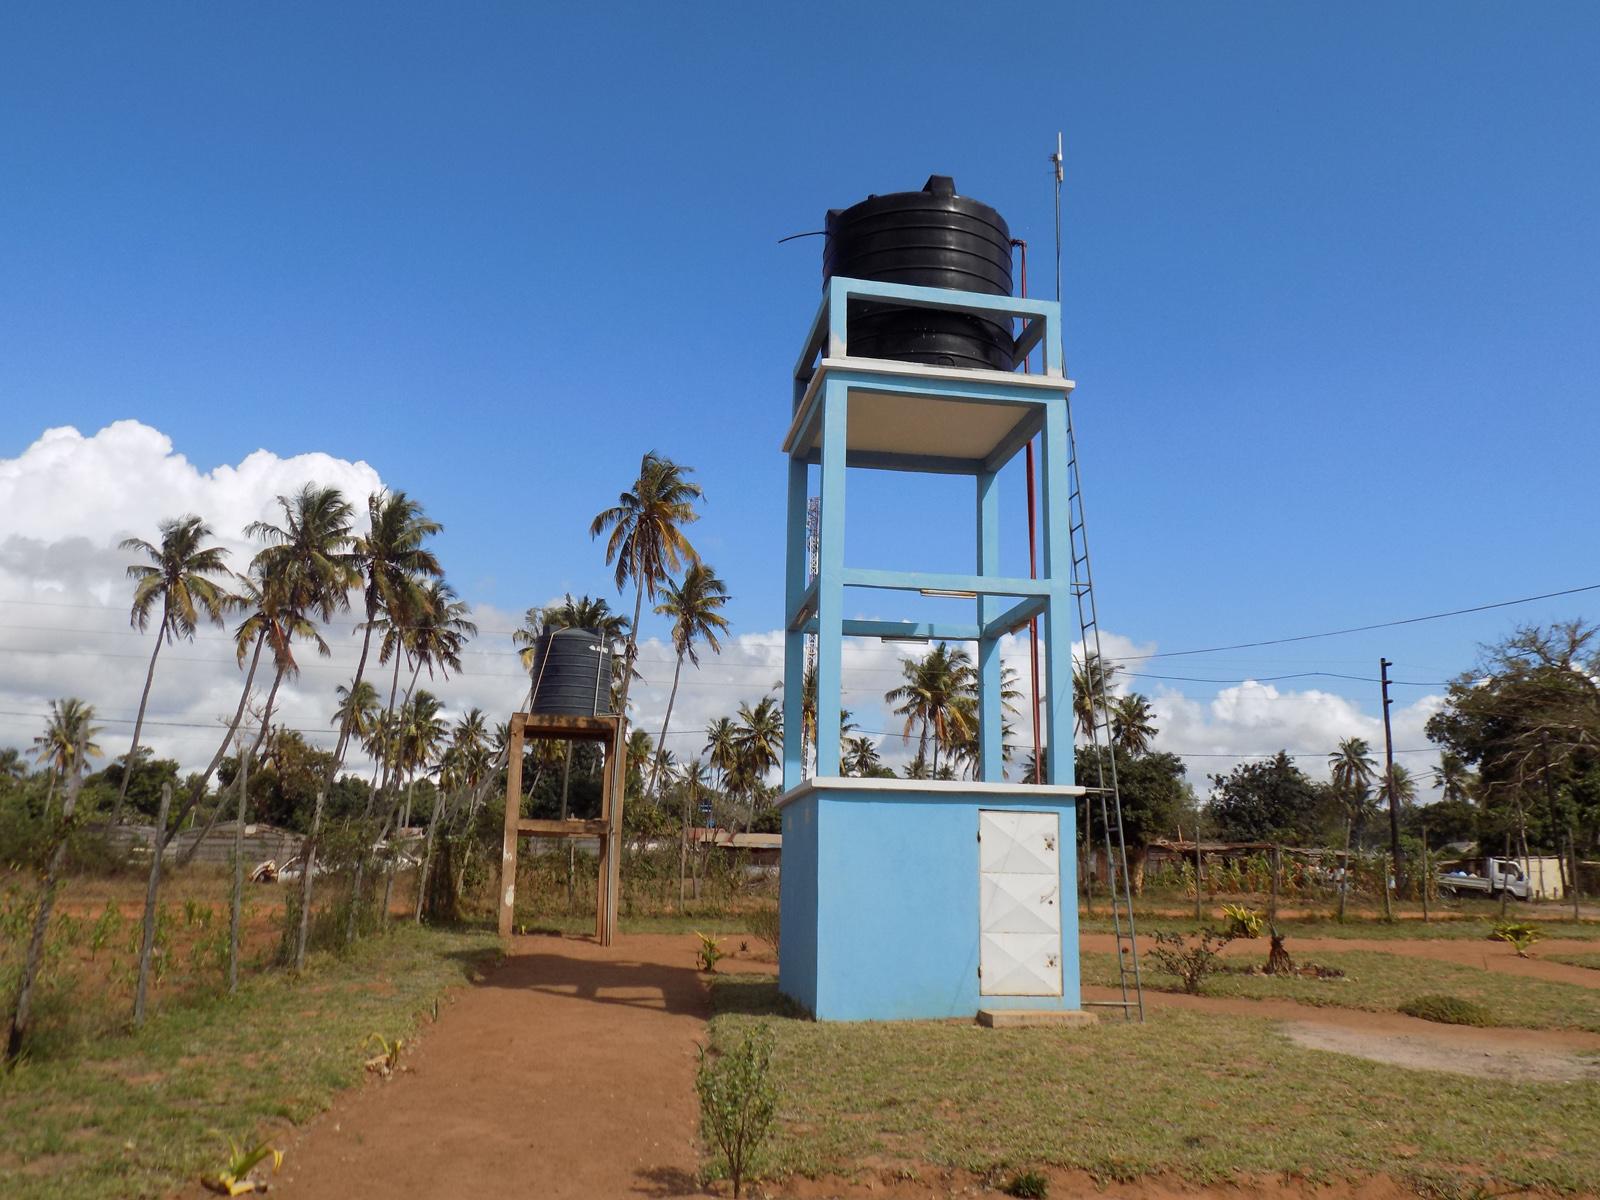 Um dos sistemas de abastecimento de água às populações na Missão de Chicuque no Inhambane, Moçambique. Foto de Antônio Wilson.